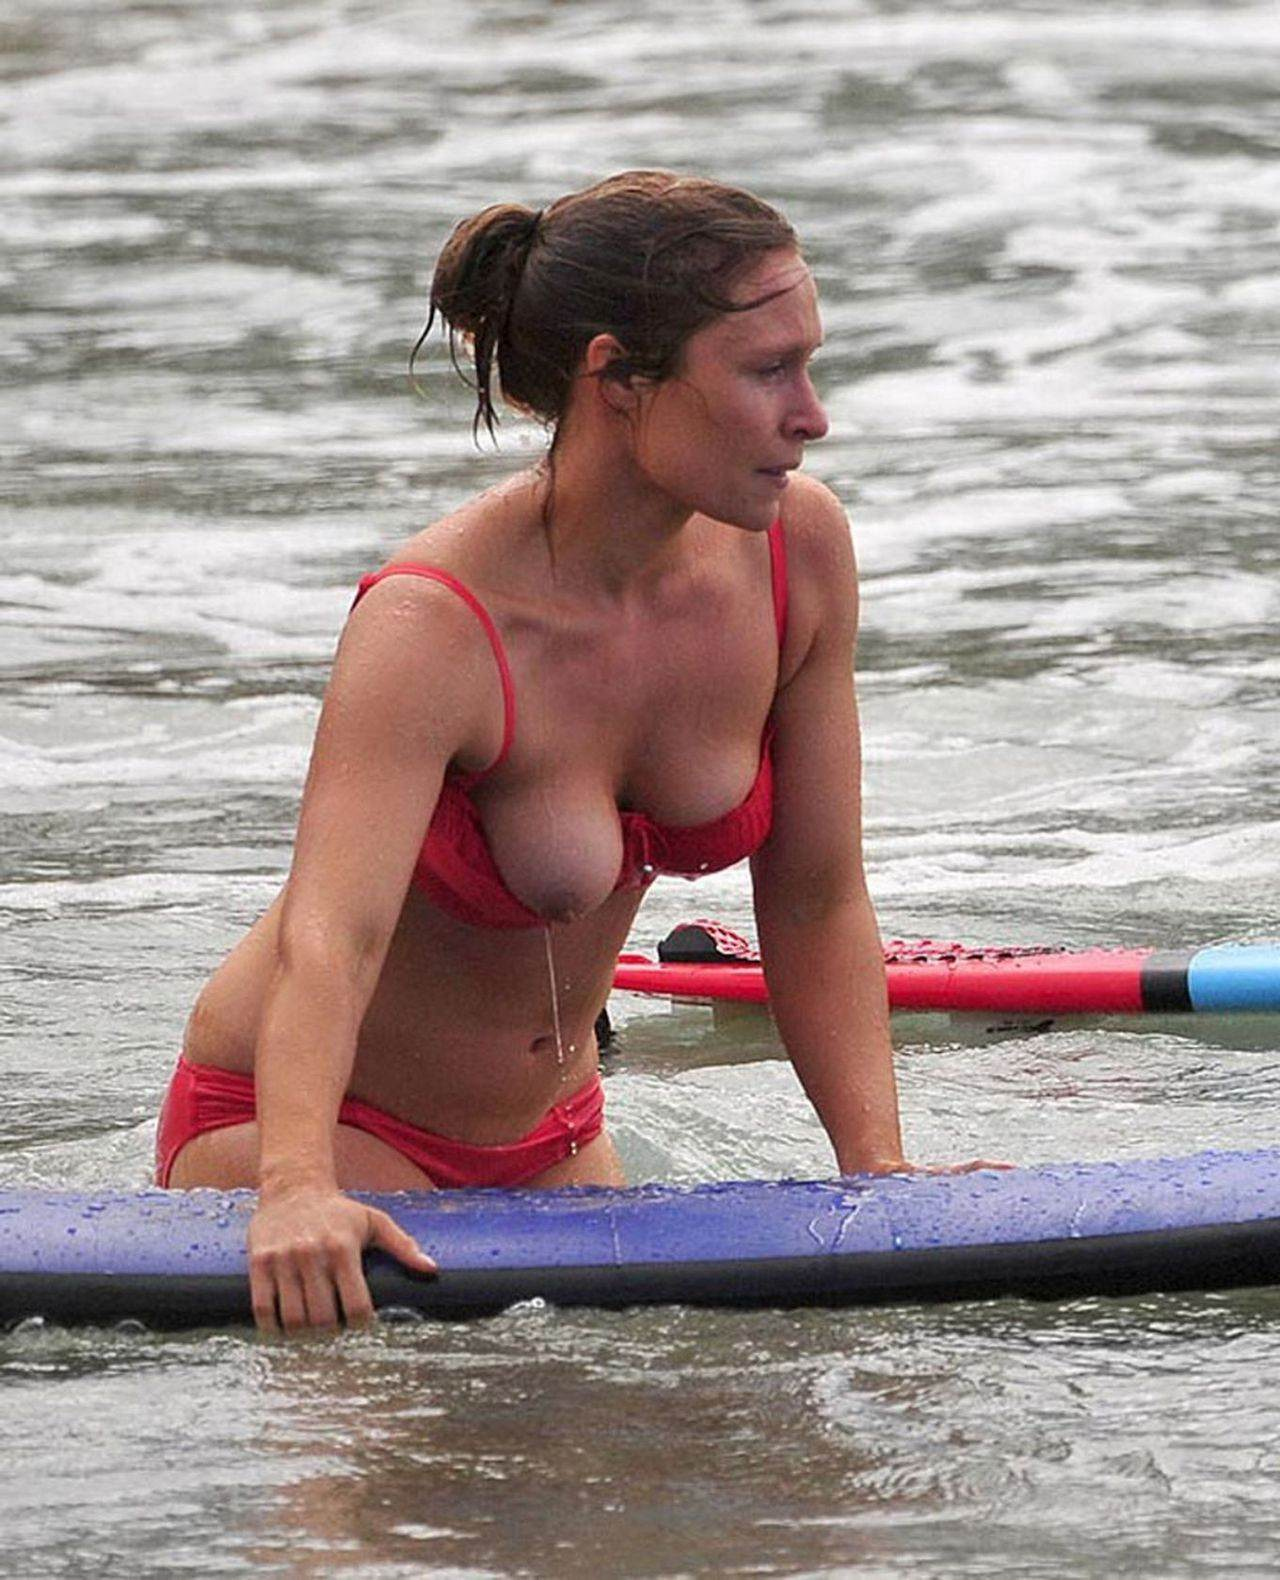 夏の海やプールでのポロリ率って異常じゃね?wwwwwwwwwwwww(画像35枚)・11枚目